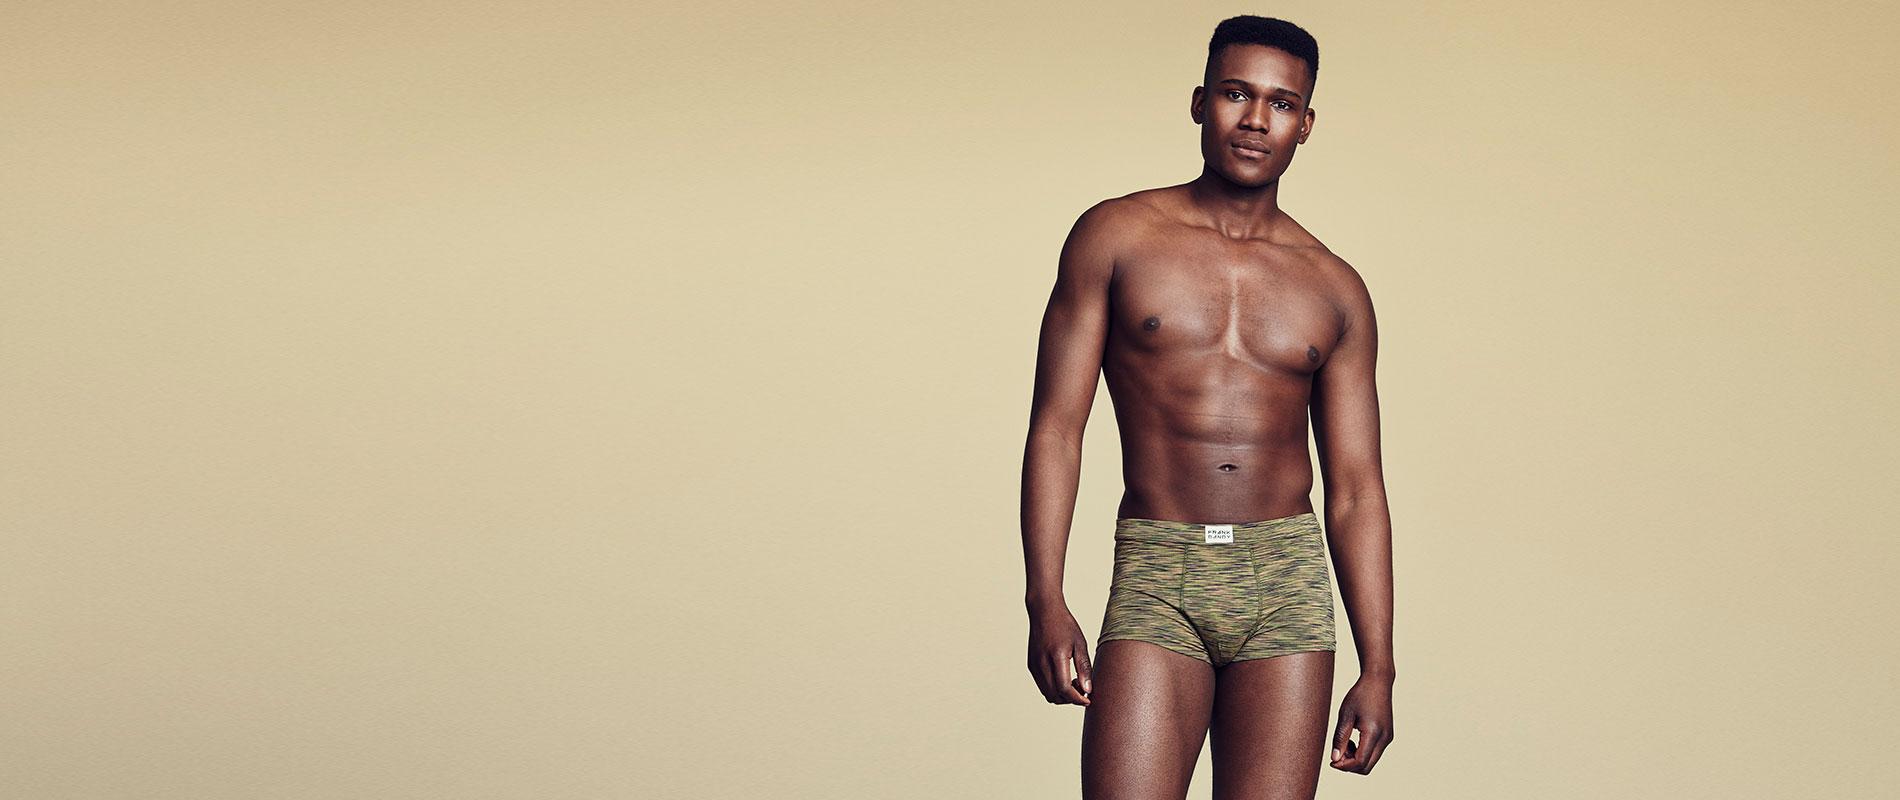 Långkalsonger - Underkläder för män  96c44028c2fd7